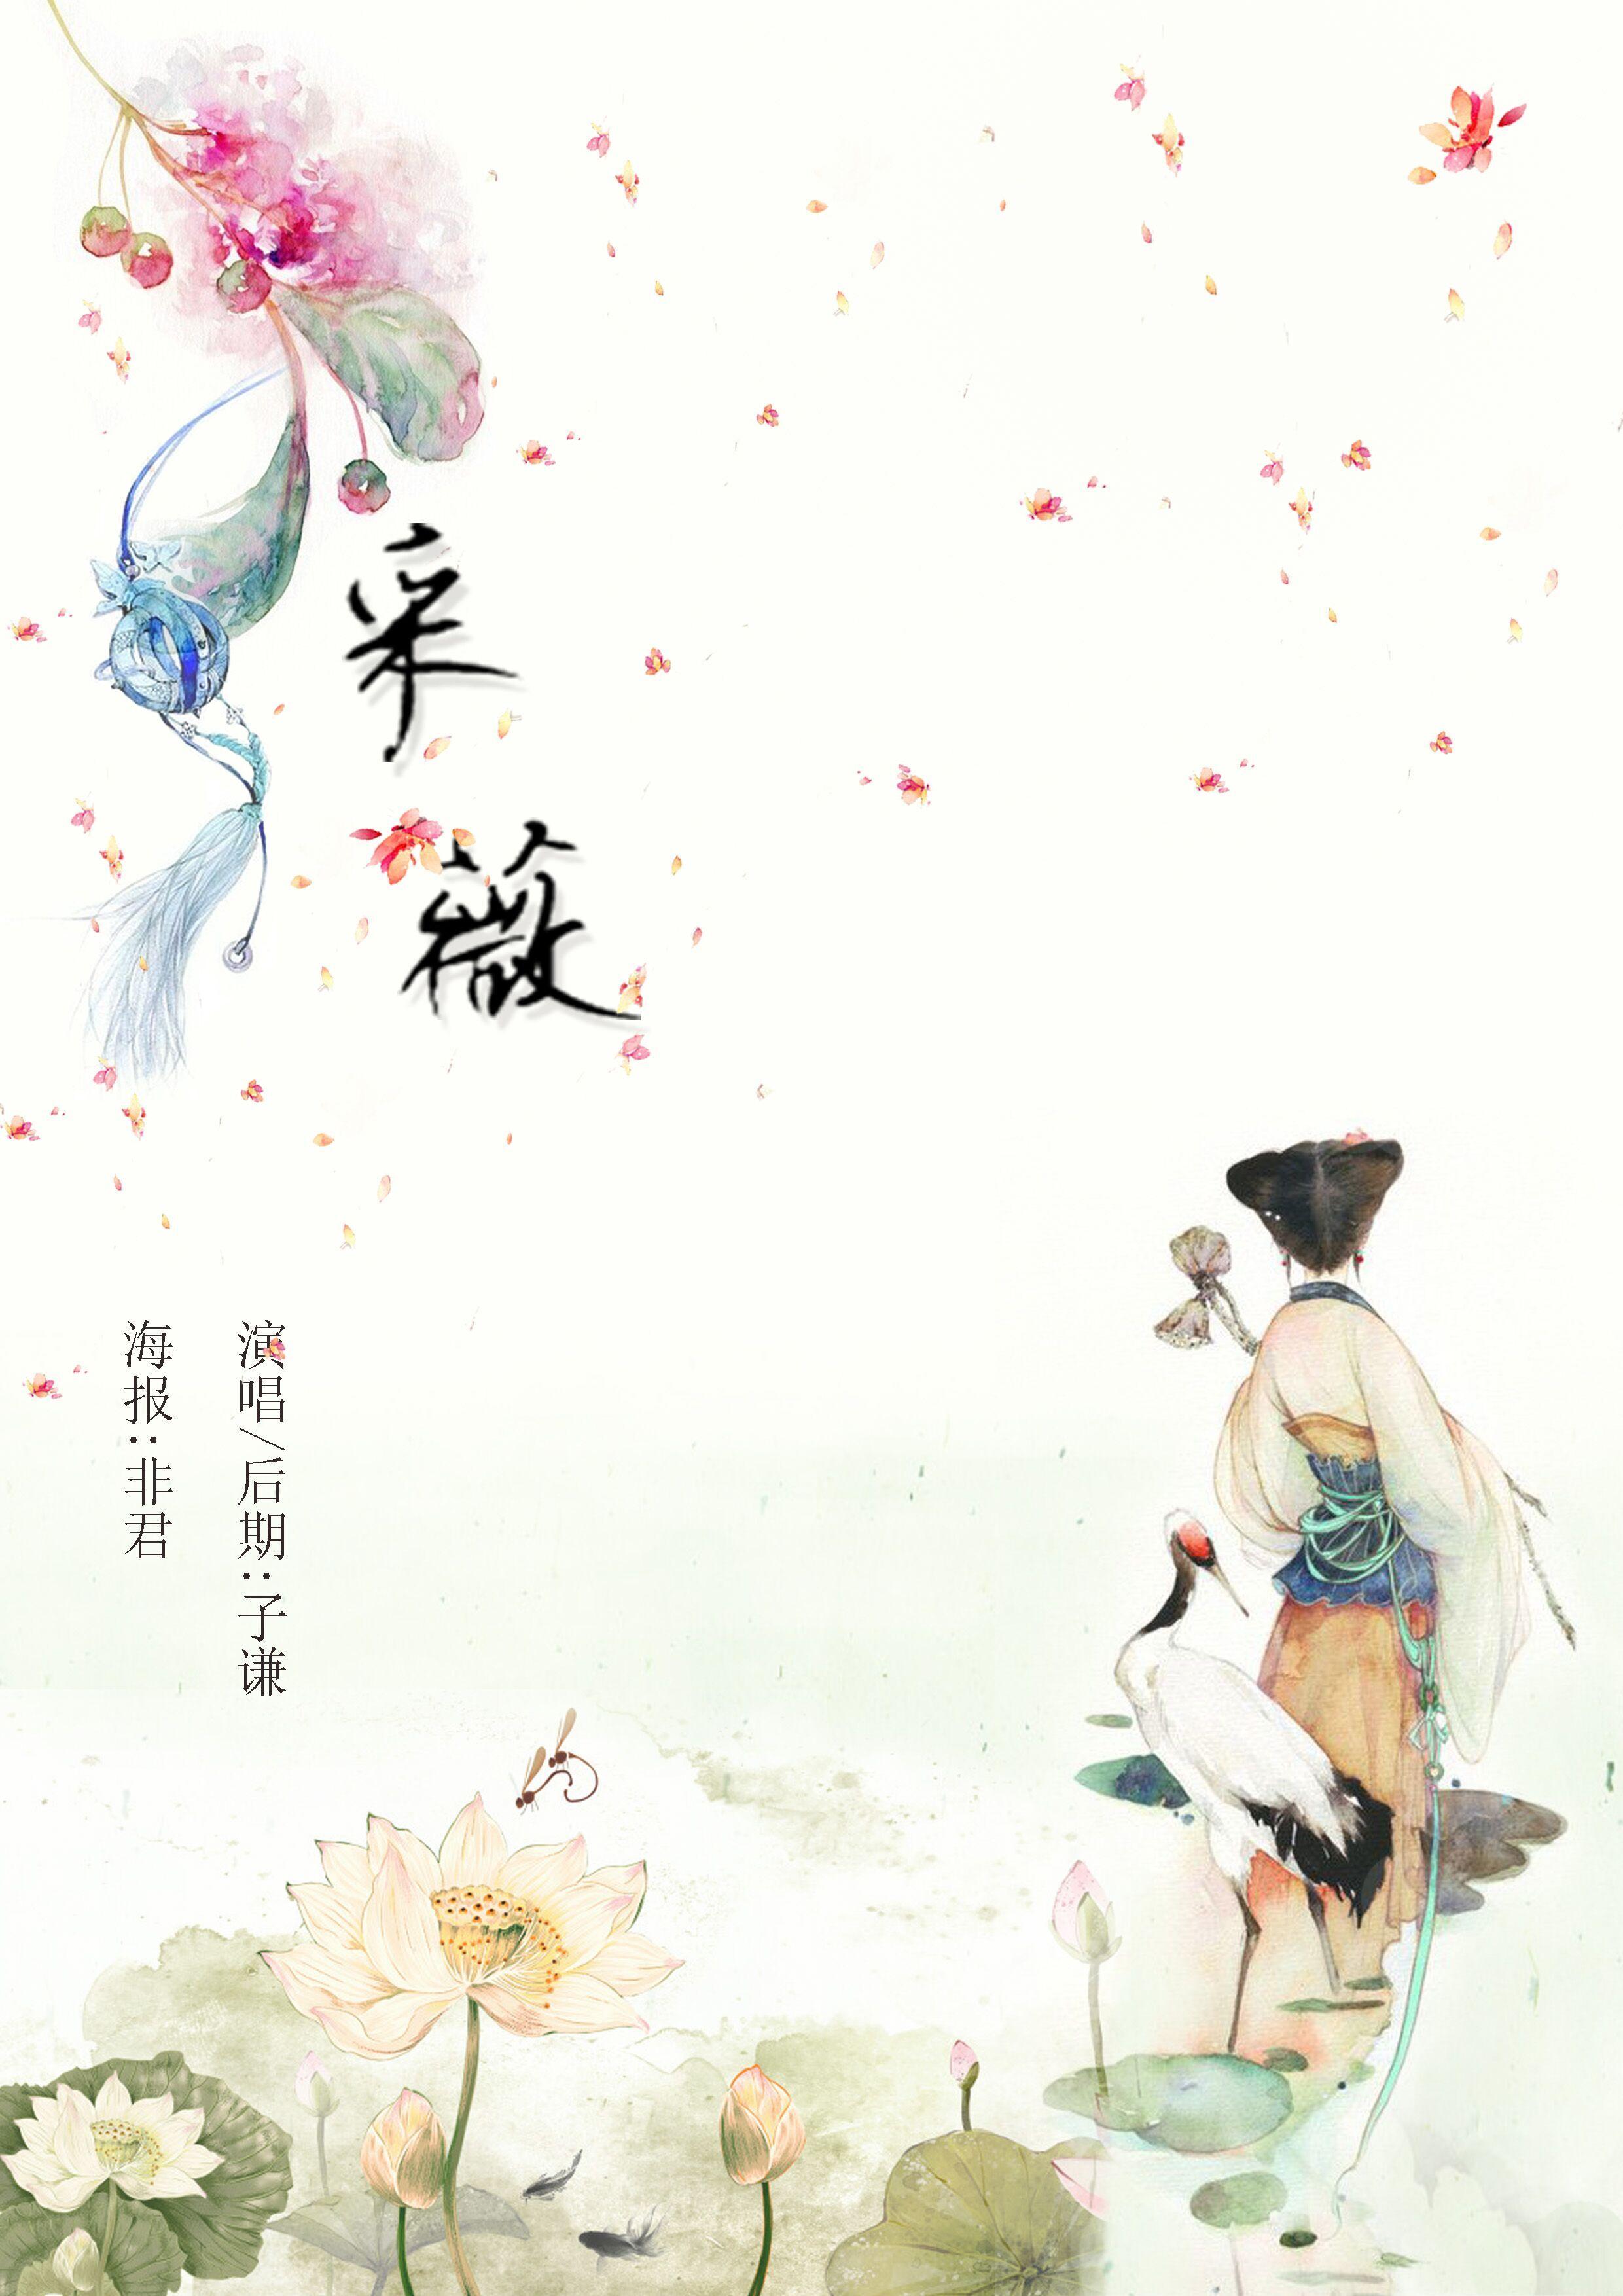 【七夕献歌】采薇